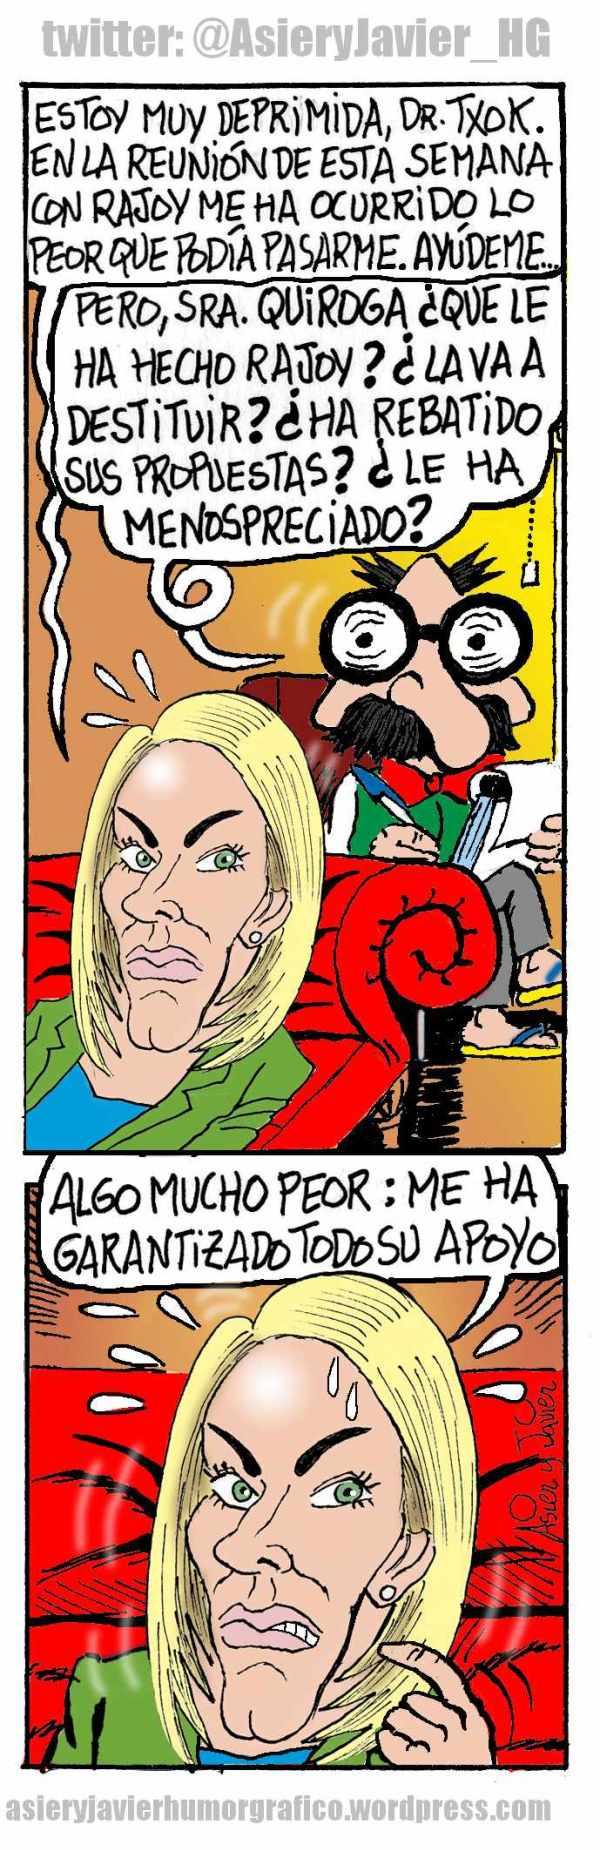 Arantza Quiroga, presidenta del PP del País Vasco, visita al doctor Txok